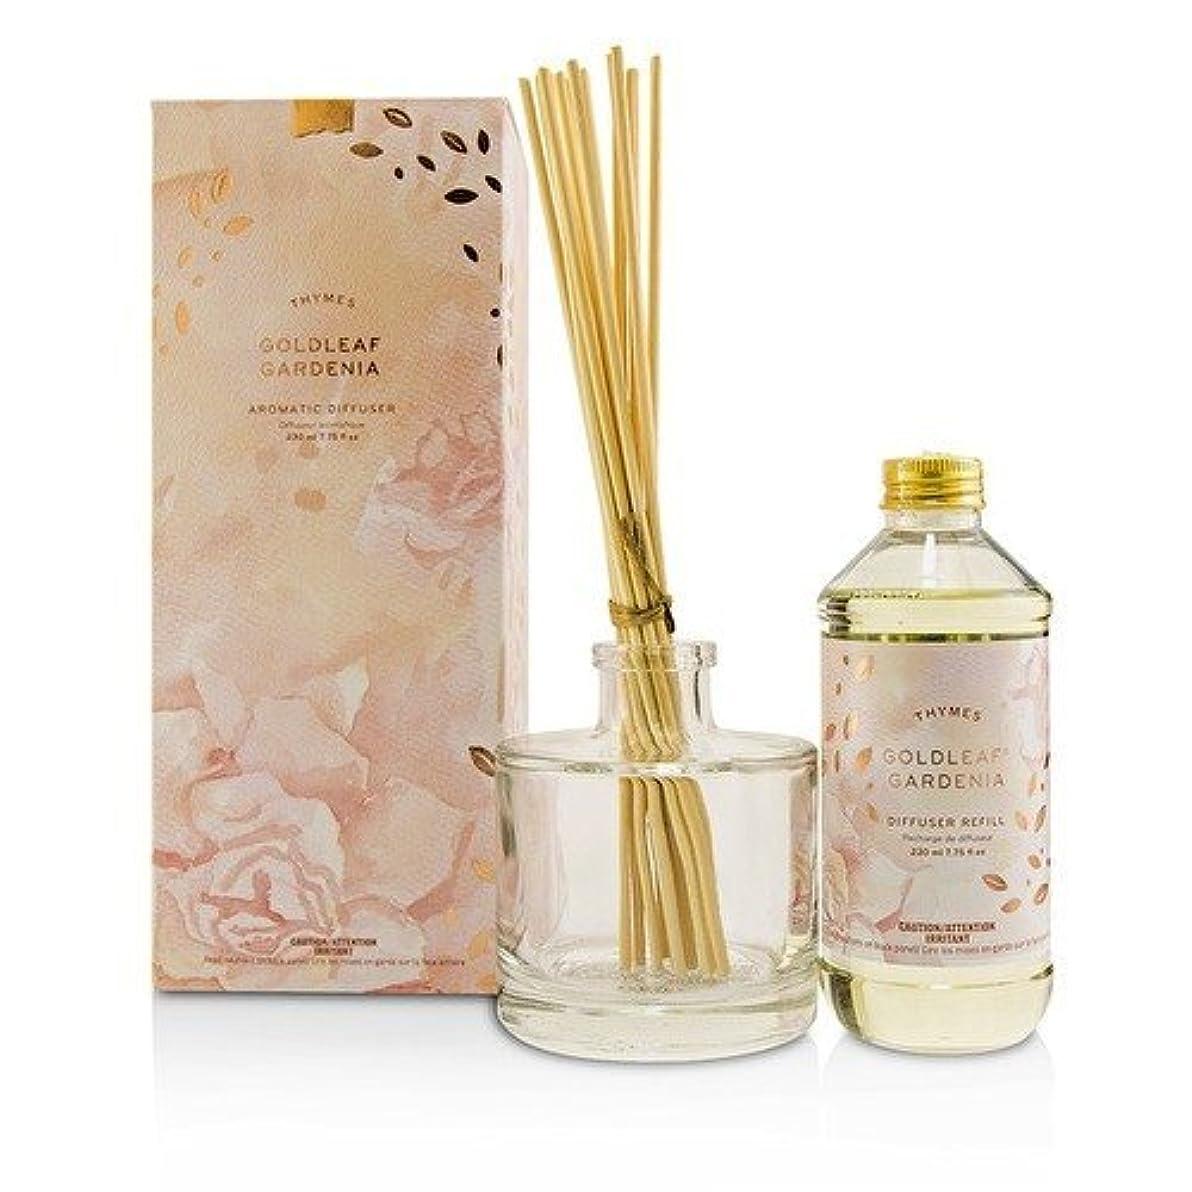 自発的キャメル爵タイムズ Aromatic Diffuser - Goldleaf Gardenia 230ml/7.75oz並行輸入品